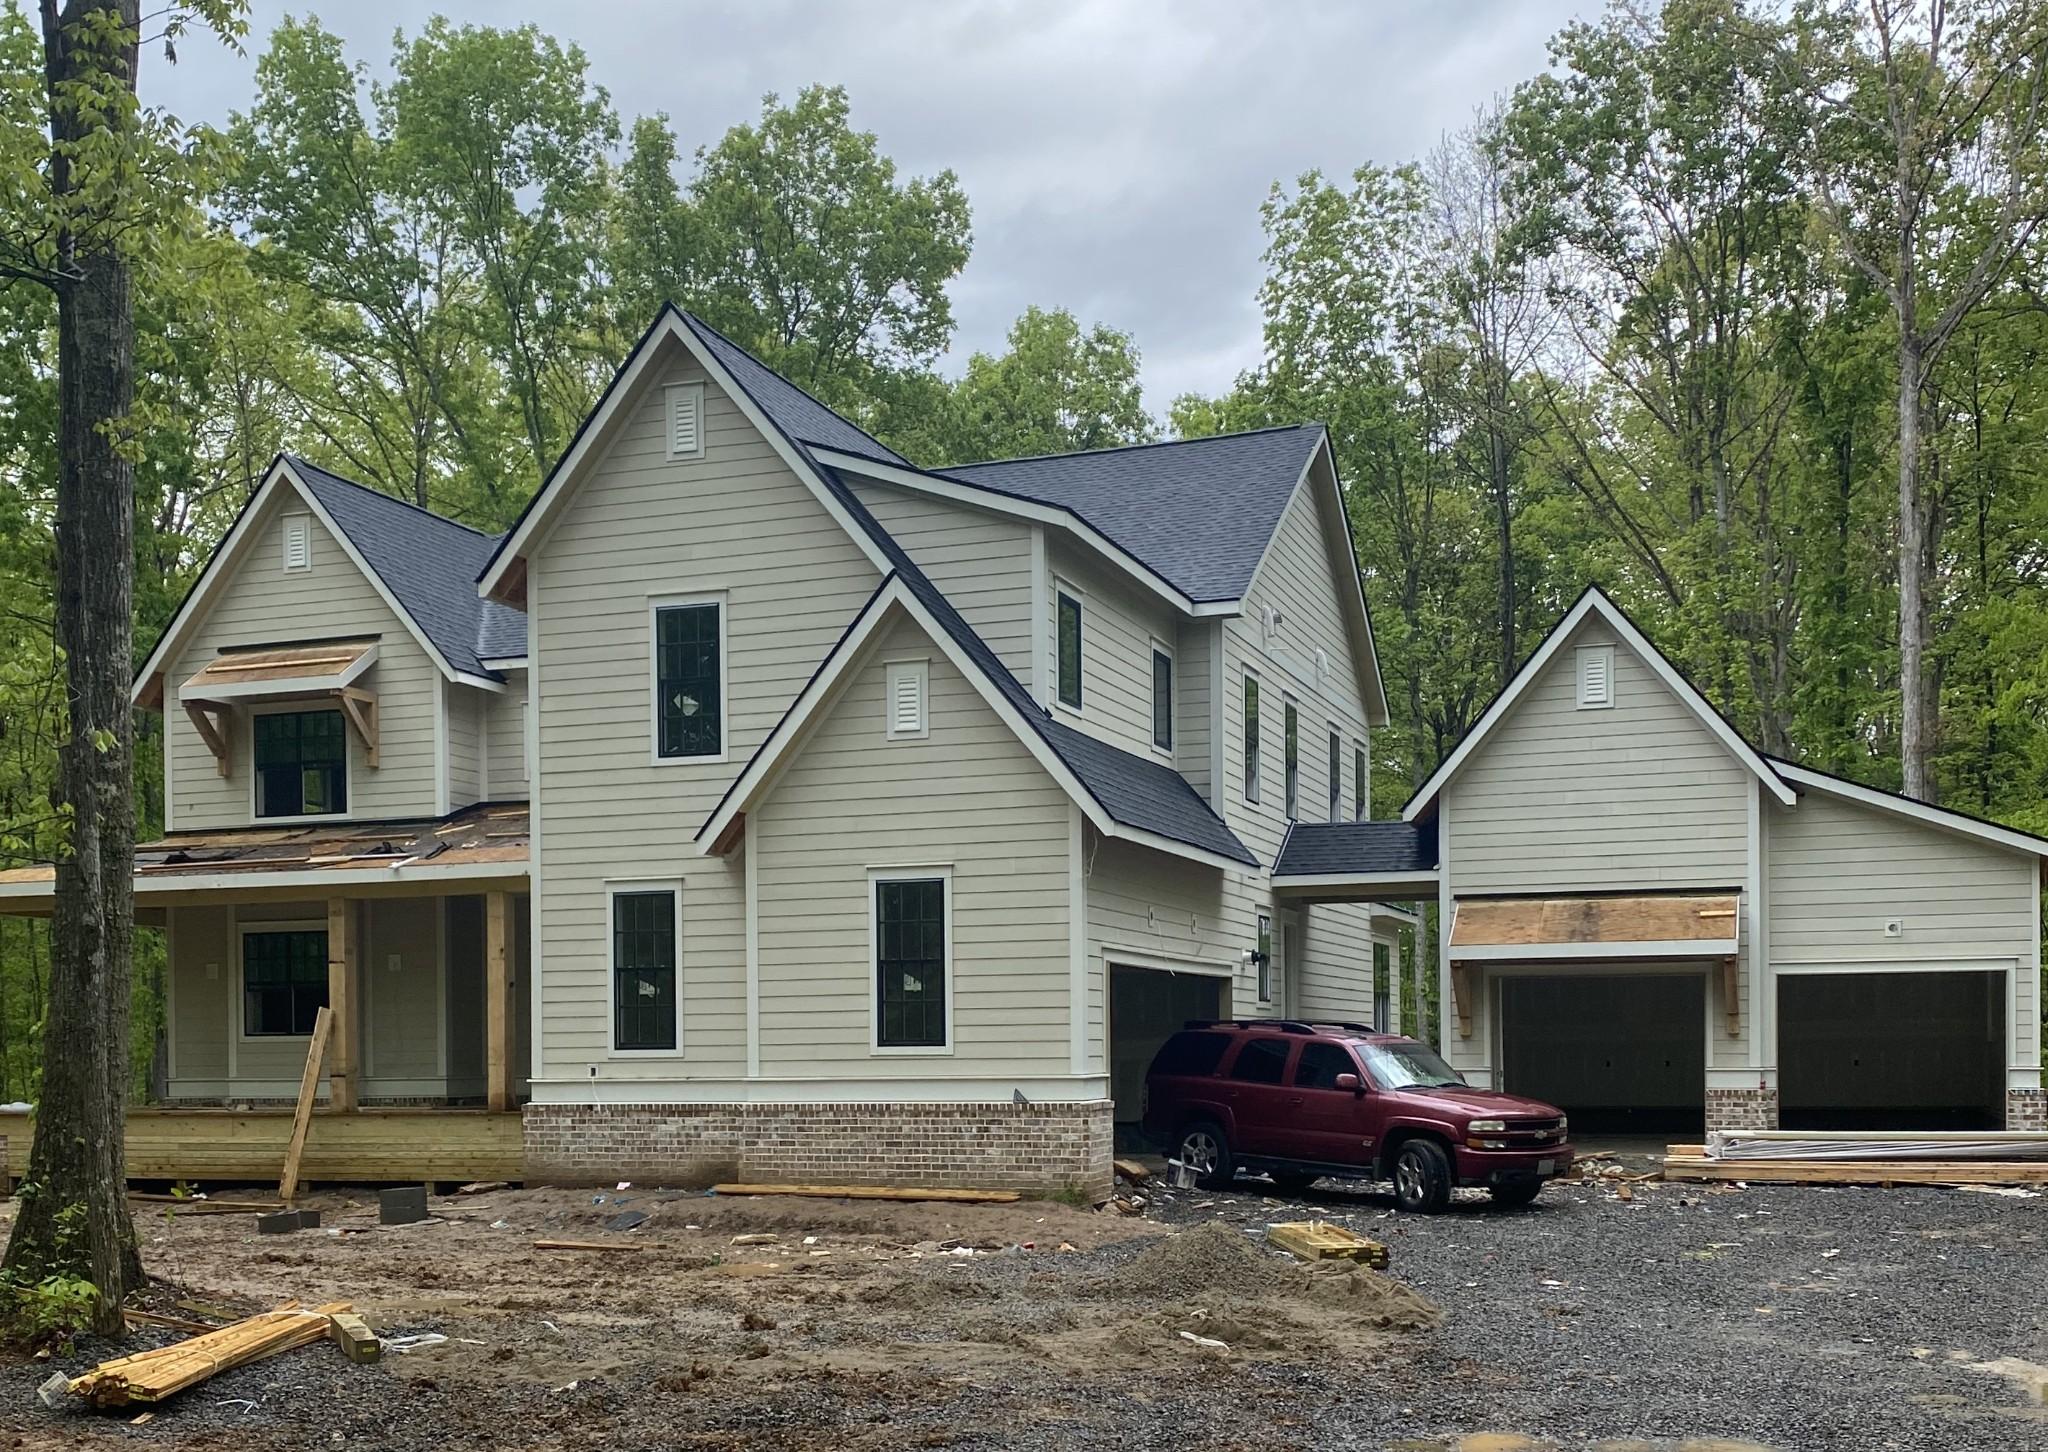 5892 Pinewood Rd, Franklin, TN 37064 - Franklin, TN real estate listing